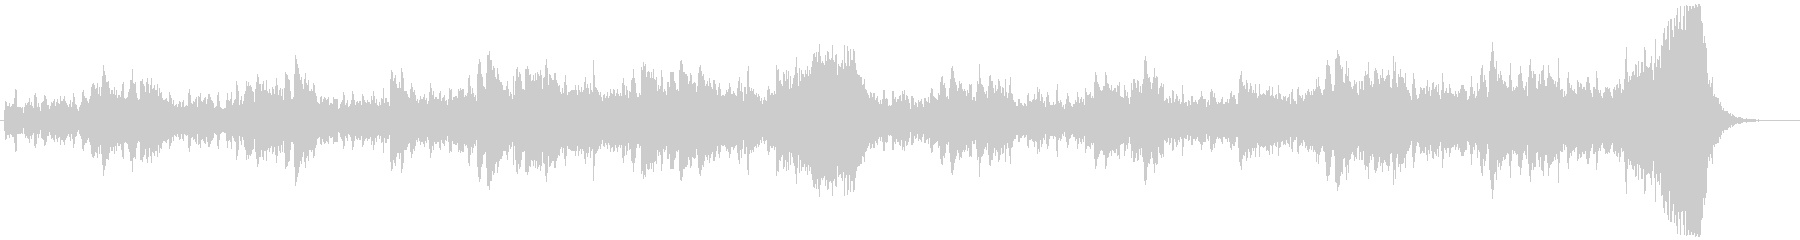 静かで緊張感のあるオーケストラ系のBGMの未再生の波形